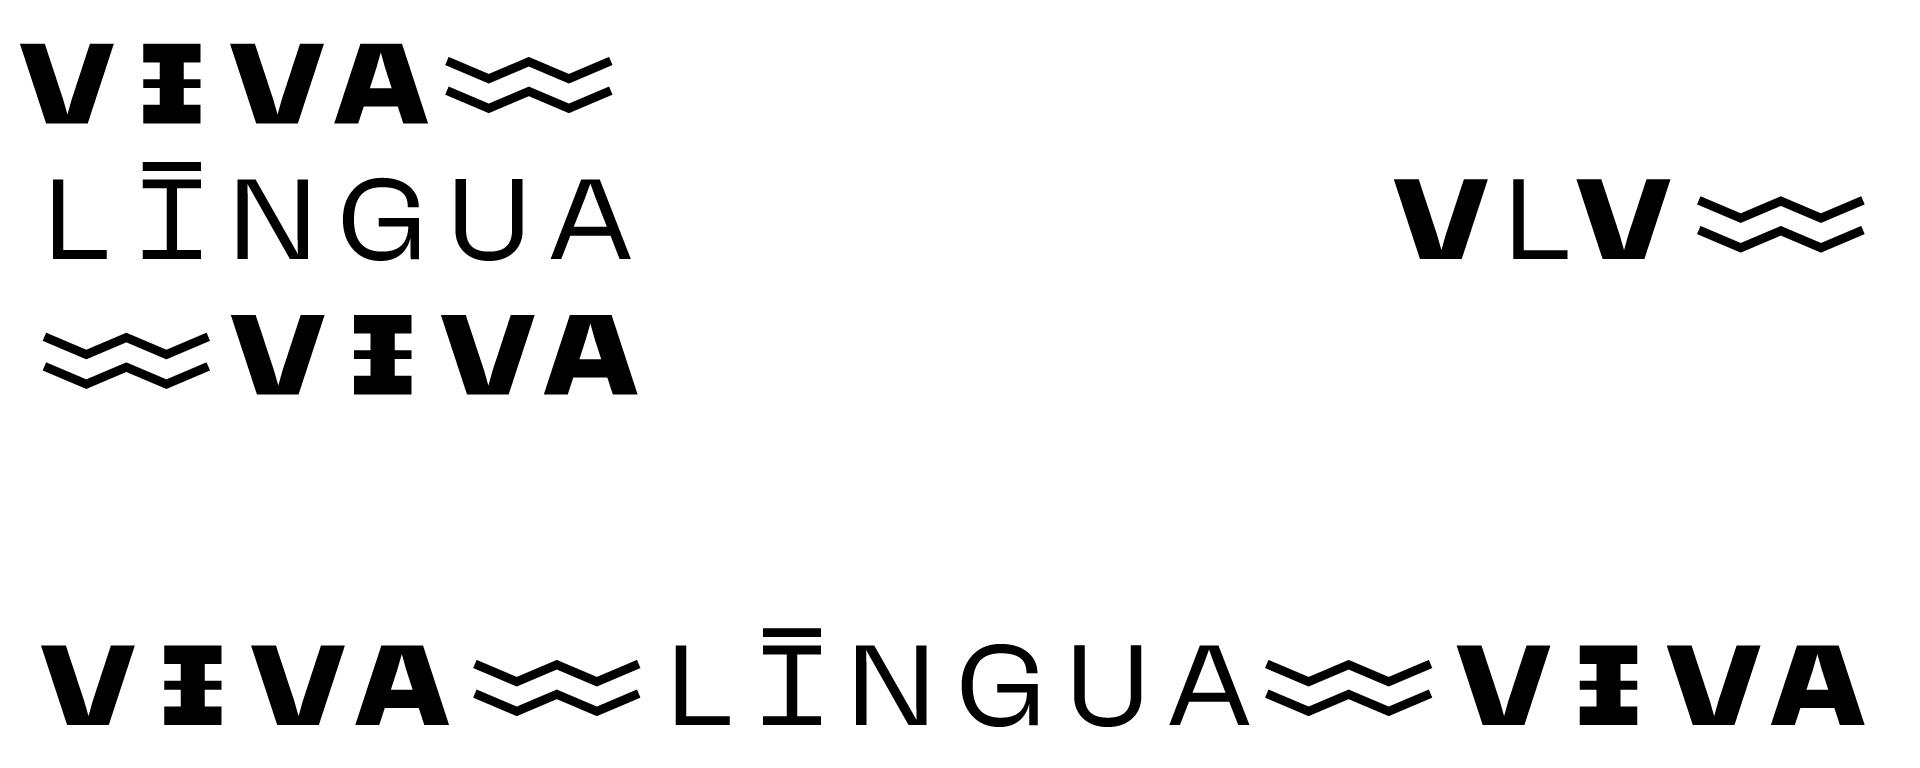 vlv-logos